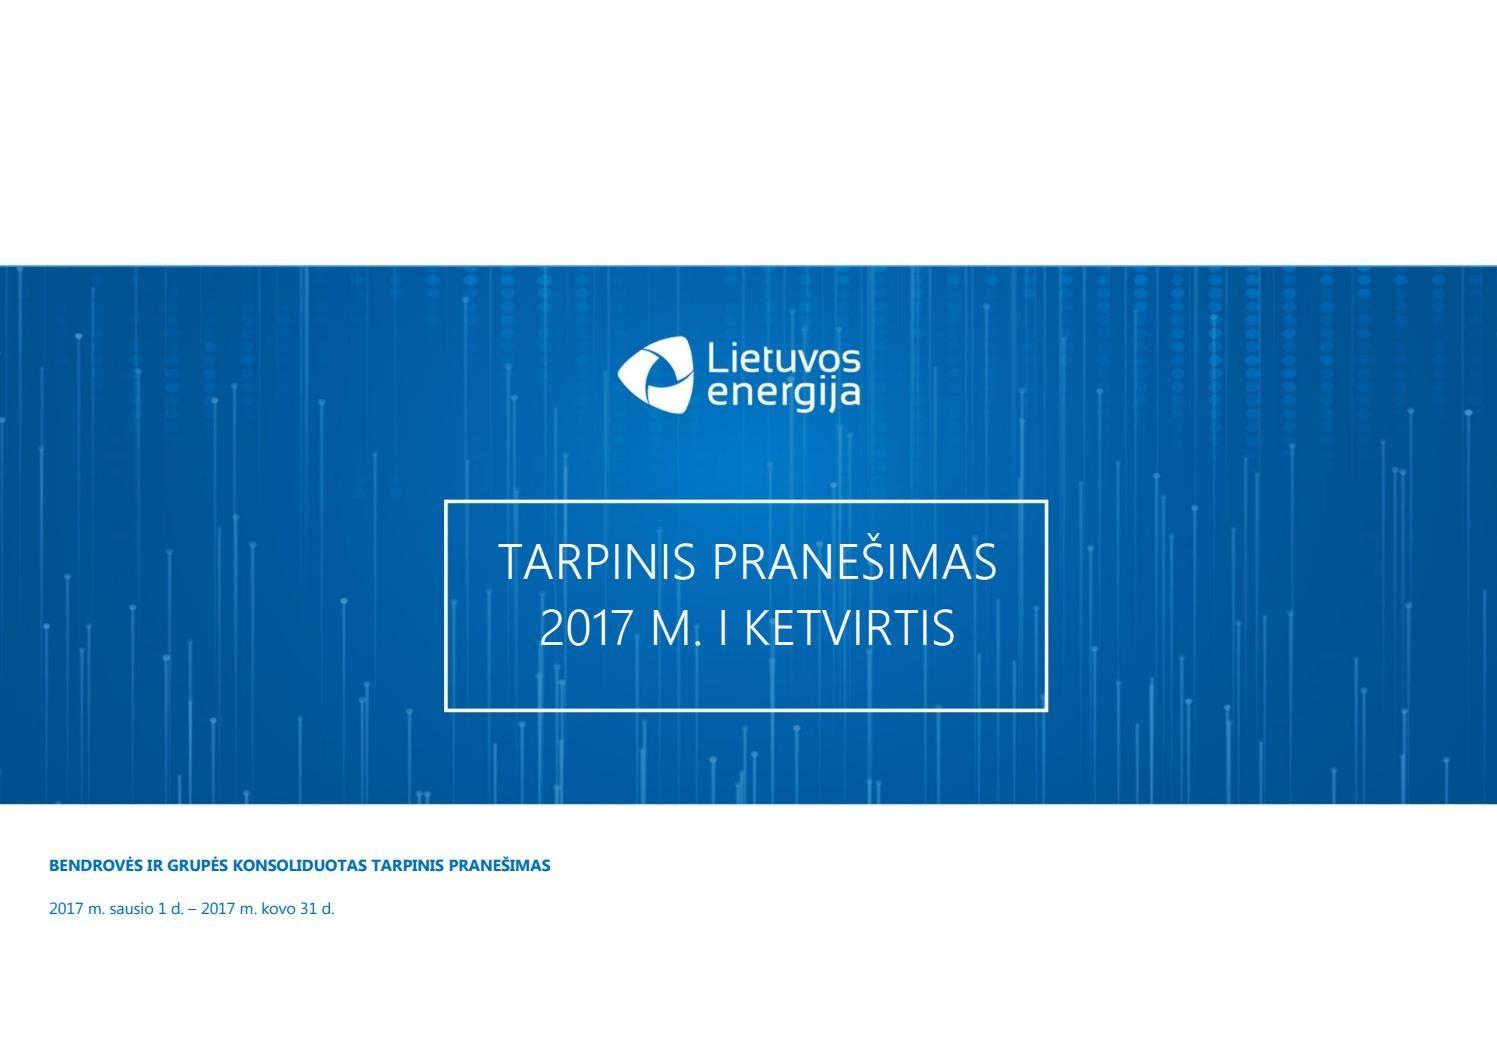 2021 m gairės dėl sistemų ir kontrolės automatizuotoje prekybos aplinkoje